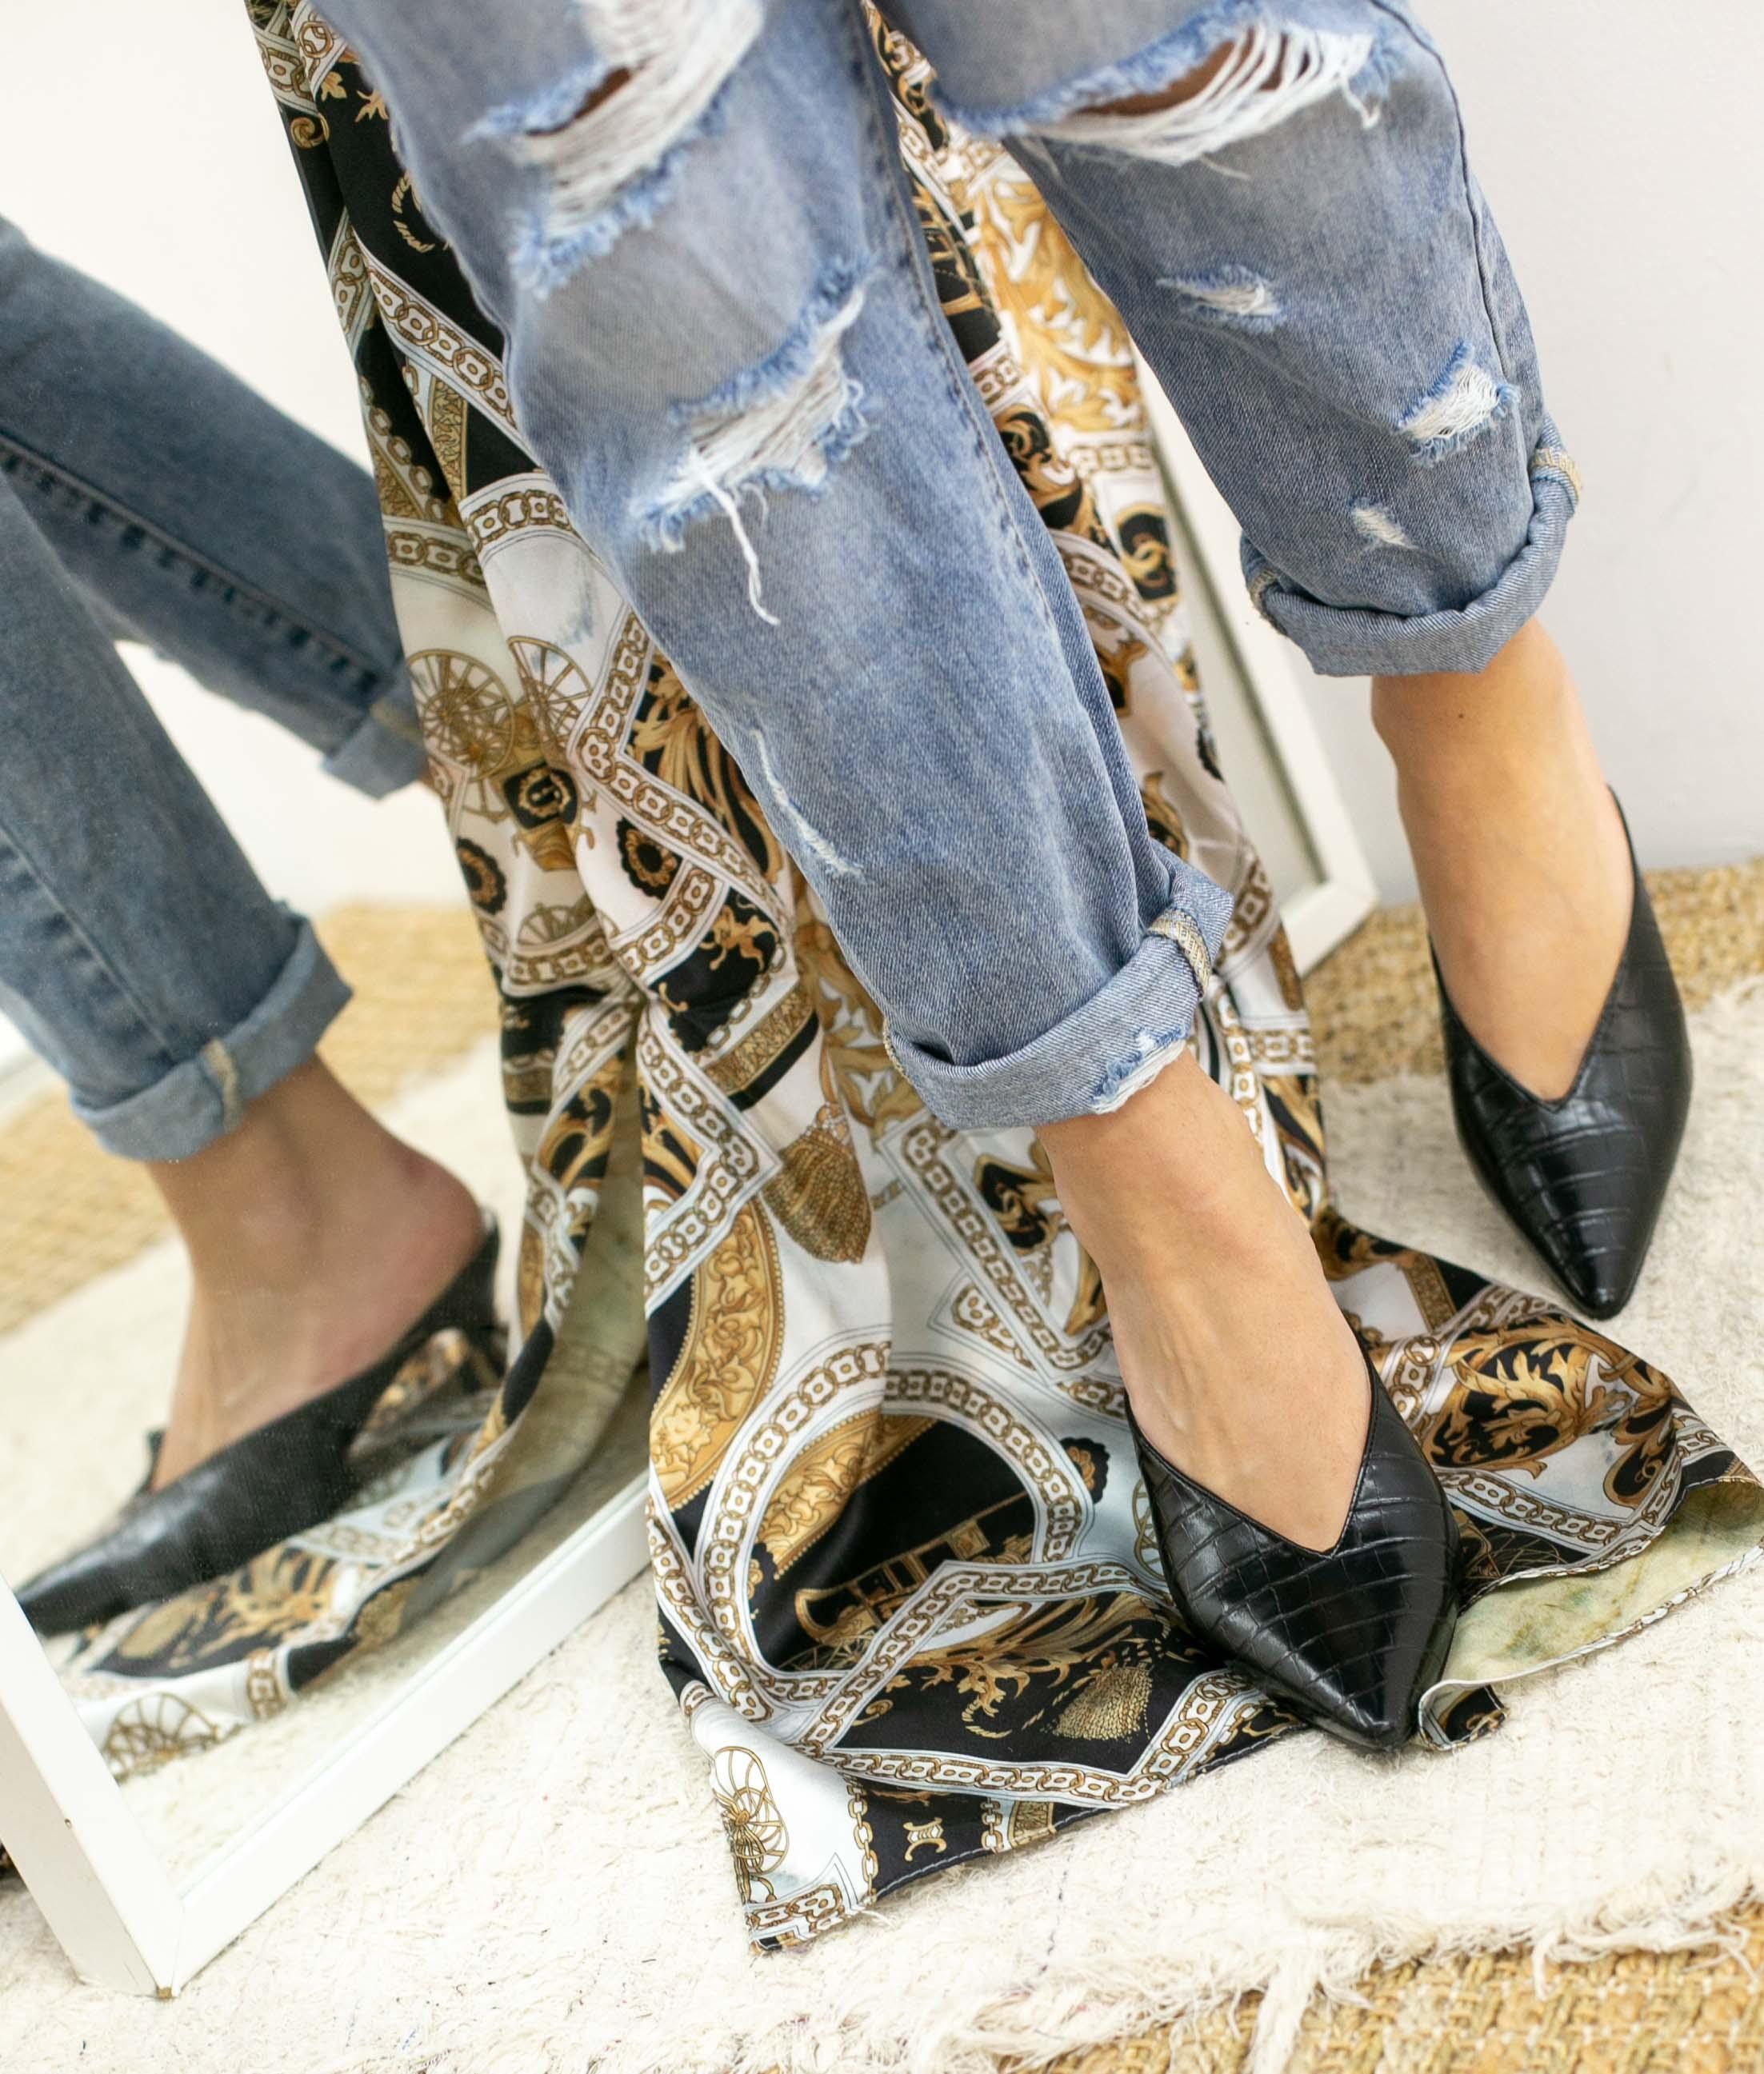 Zapato Mulé Vaner - Black